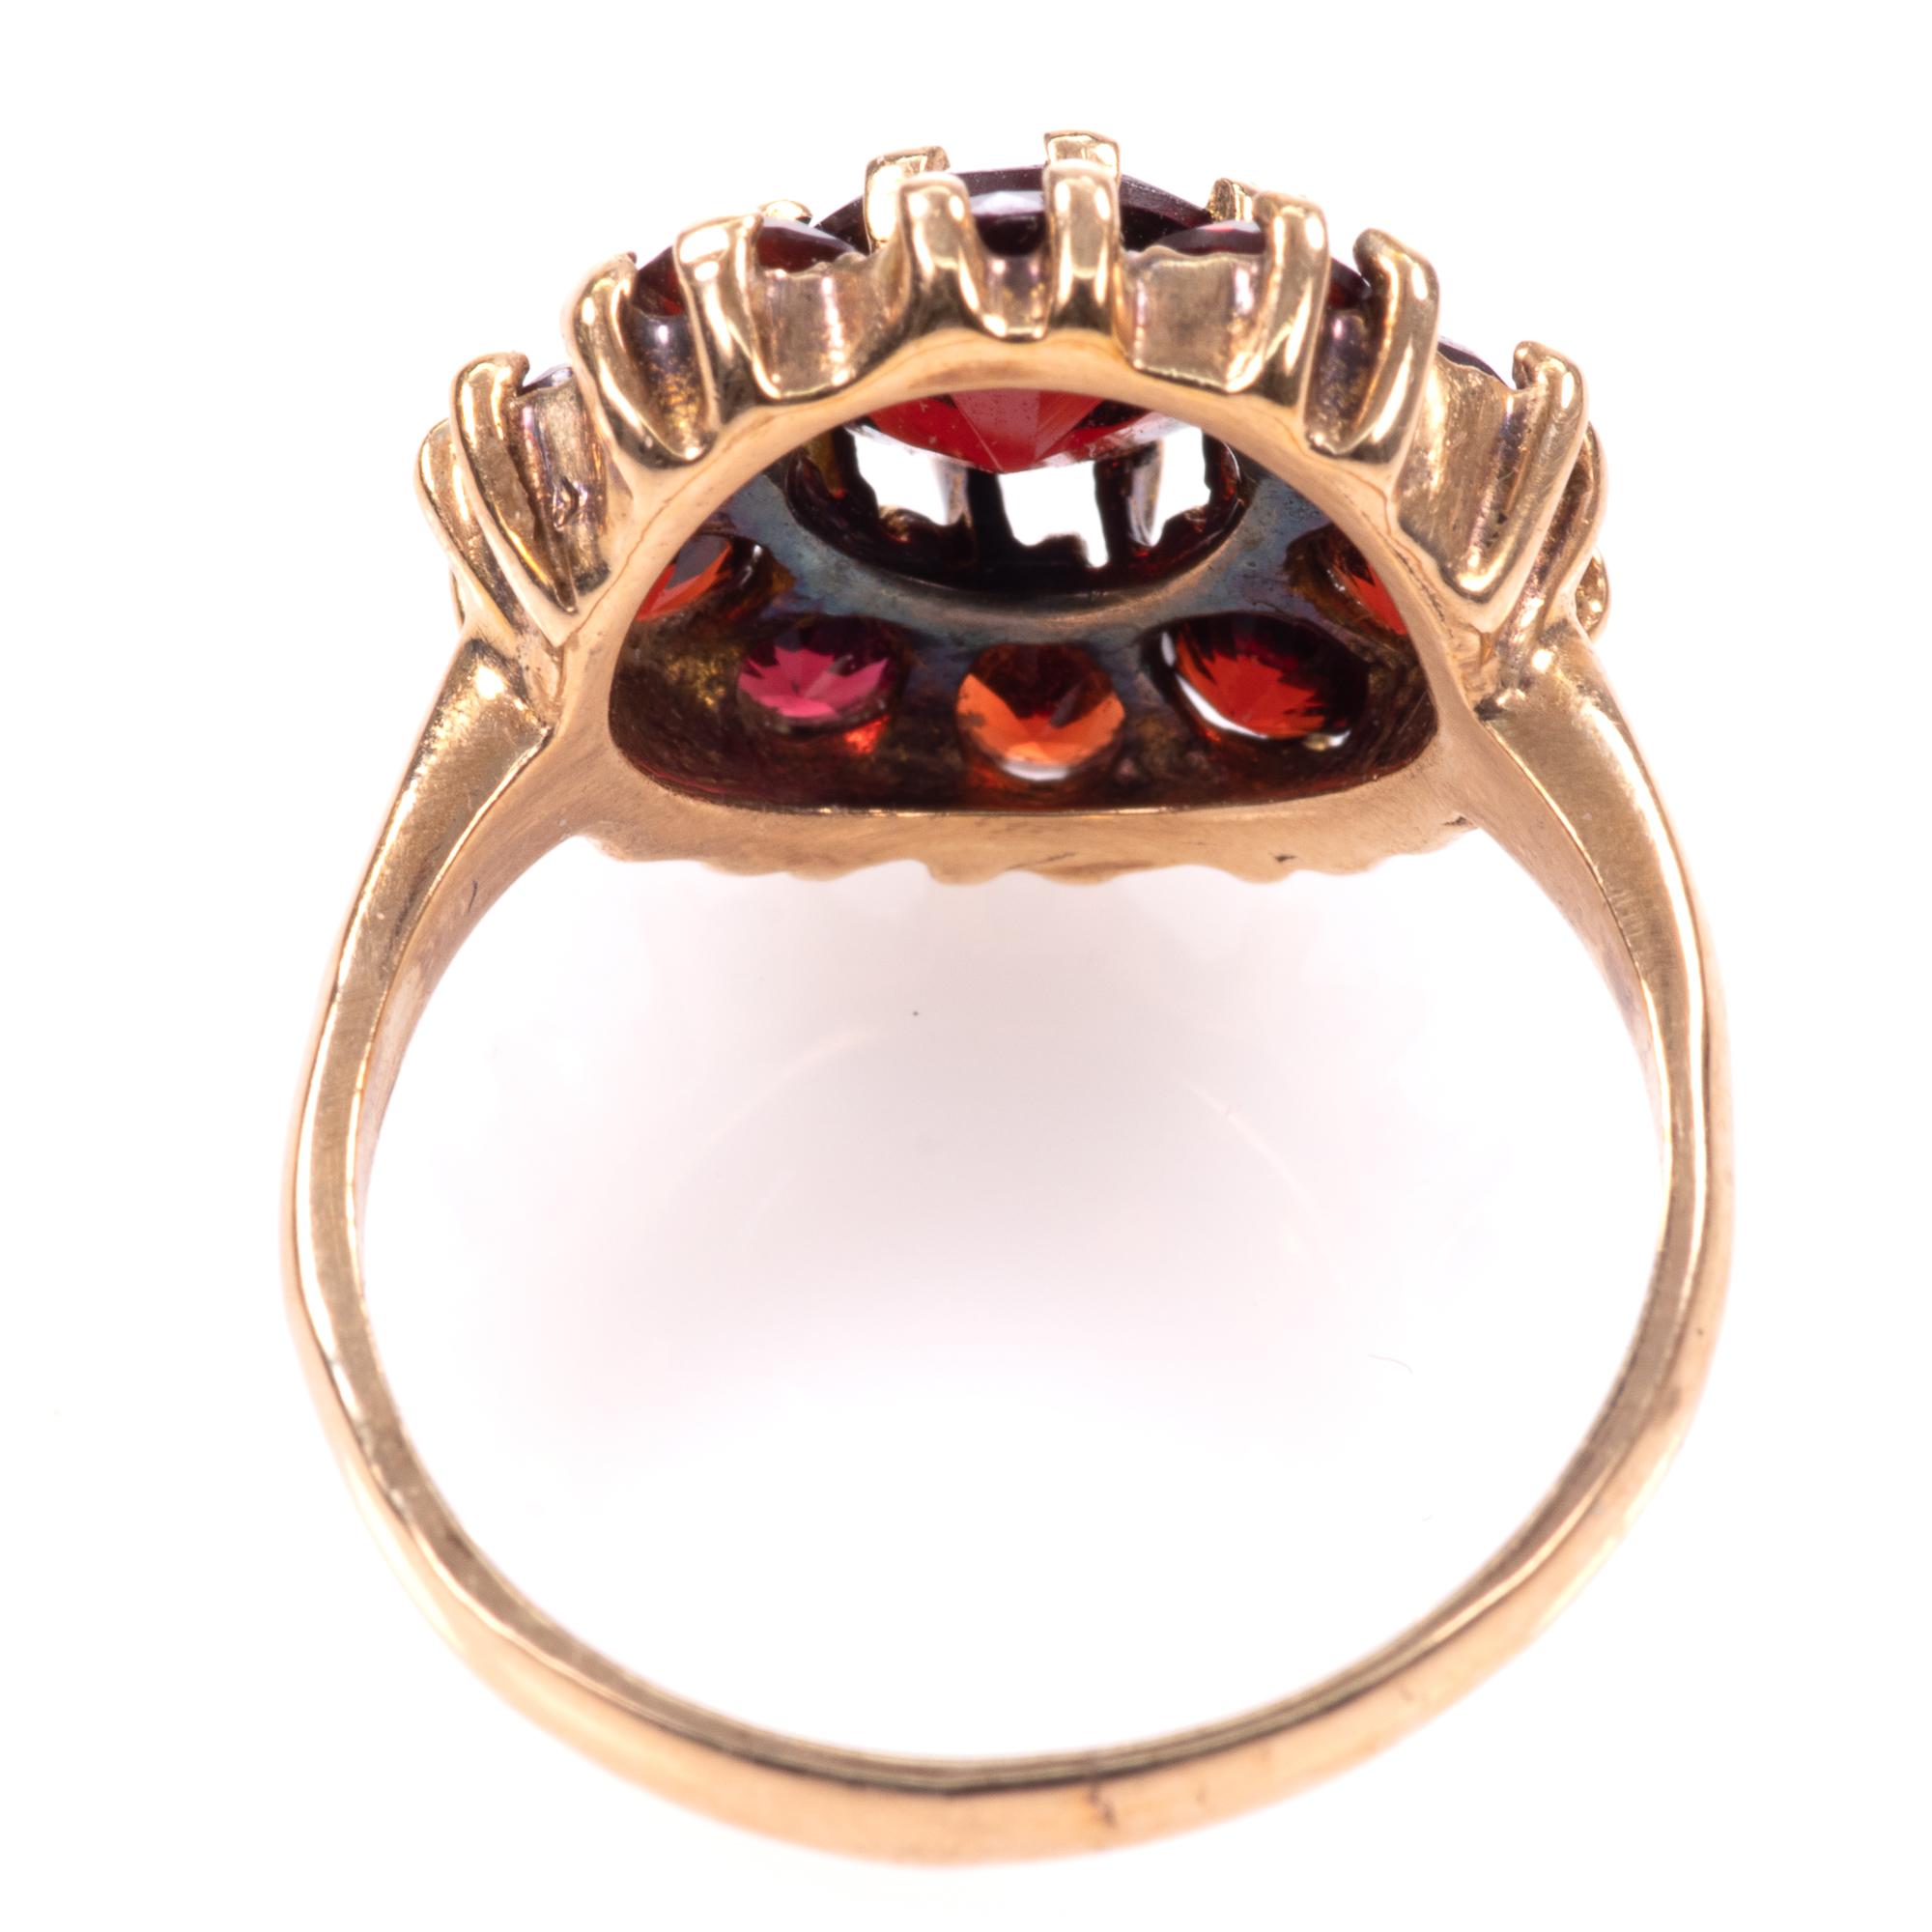 9ct Gold Garnet Ring London 1963 - Image 6 of 8